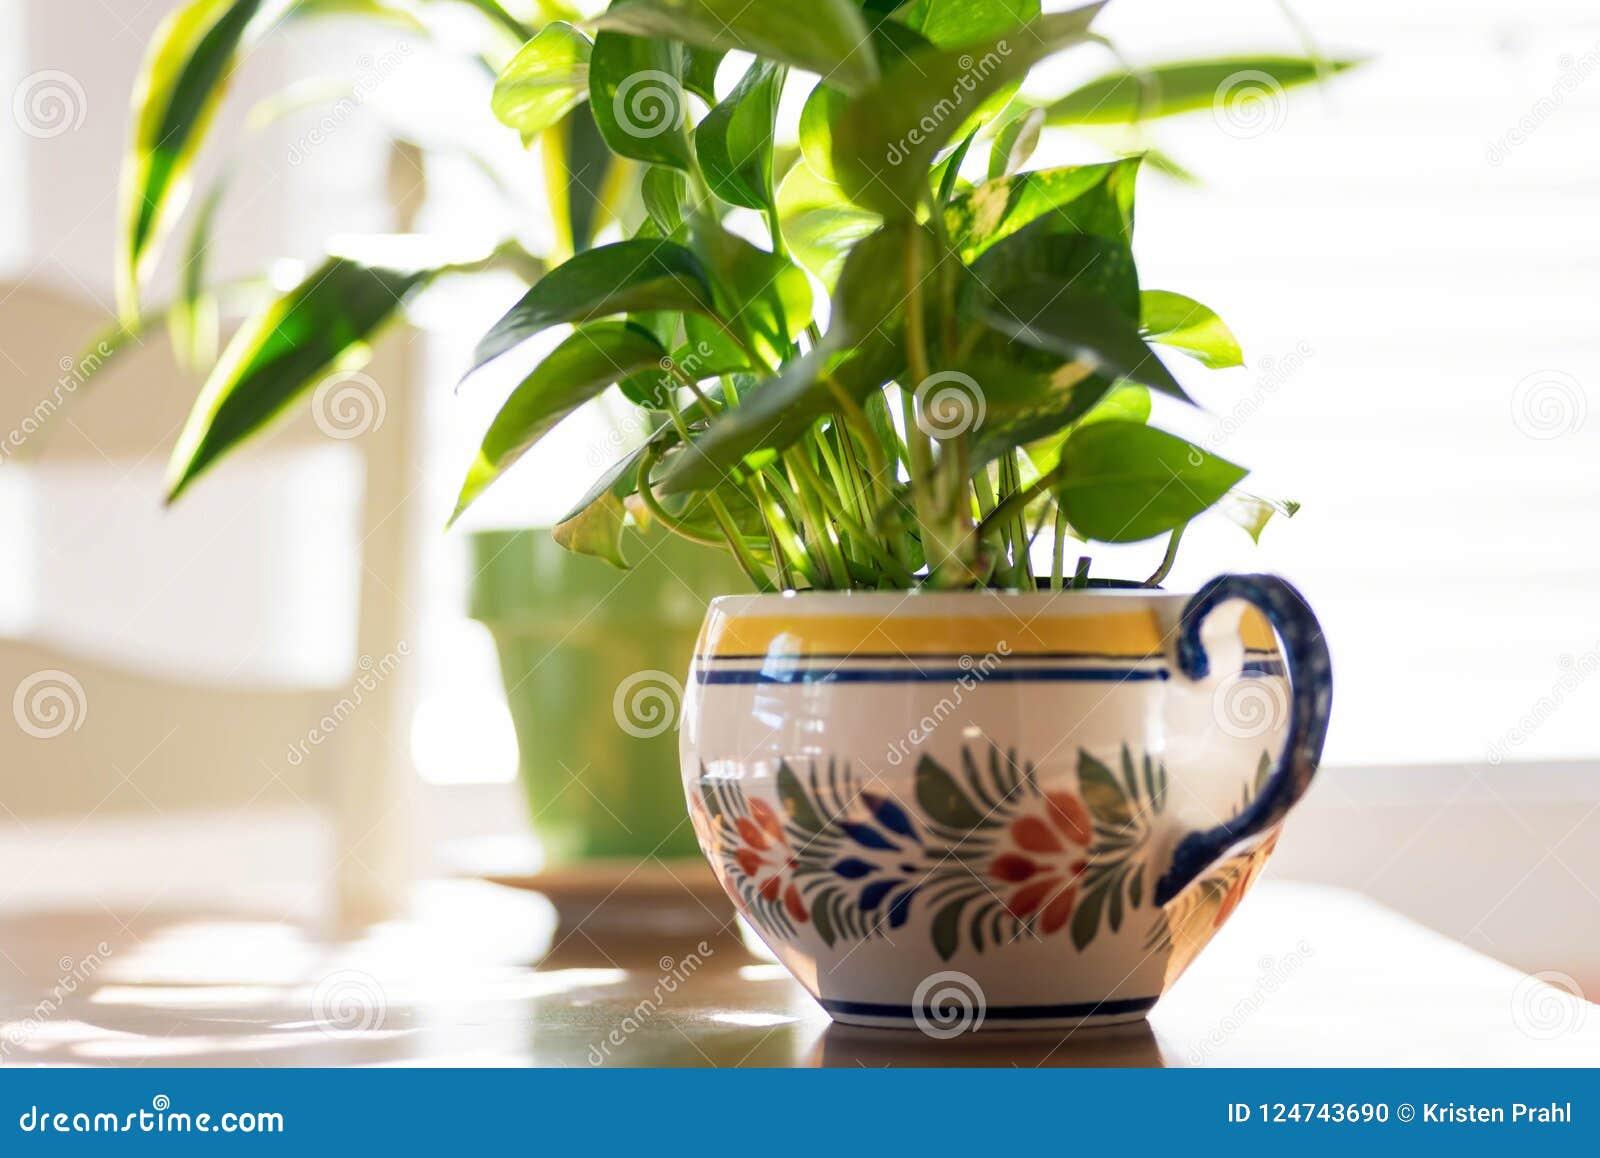 Piante In Vaso Alla Luce Solare Sul Tavolo Da Cucina Fotografia ...